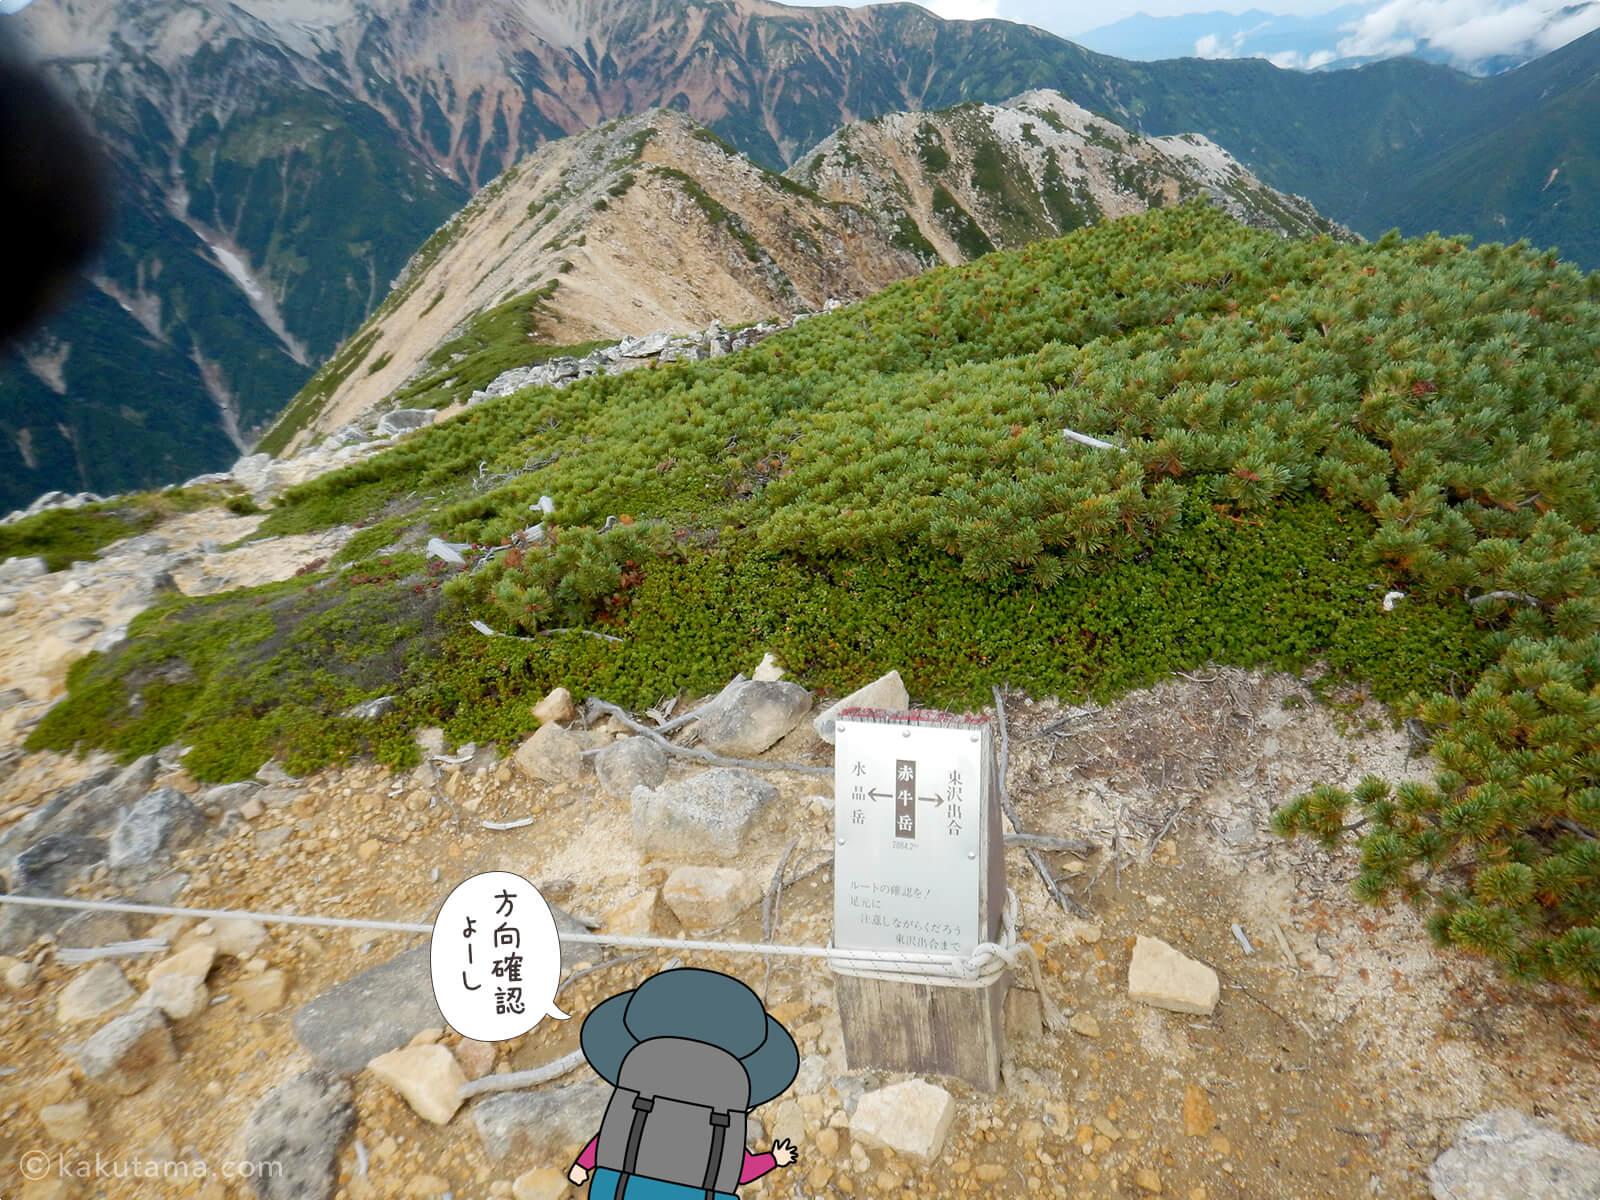 赤牛岳から水晶岳へ向かって出発